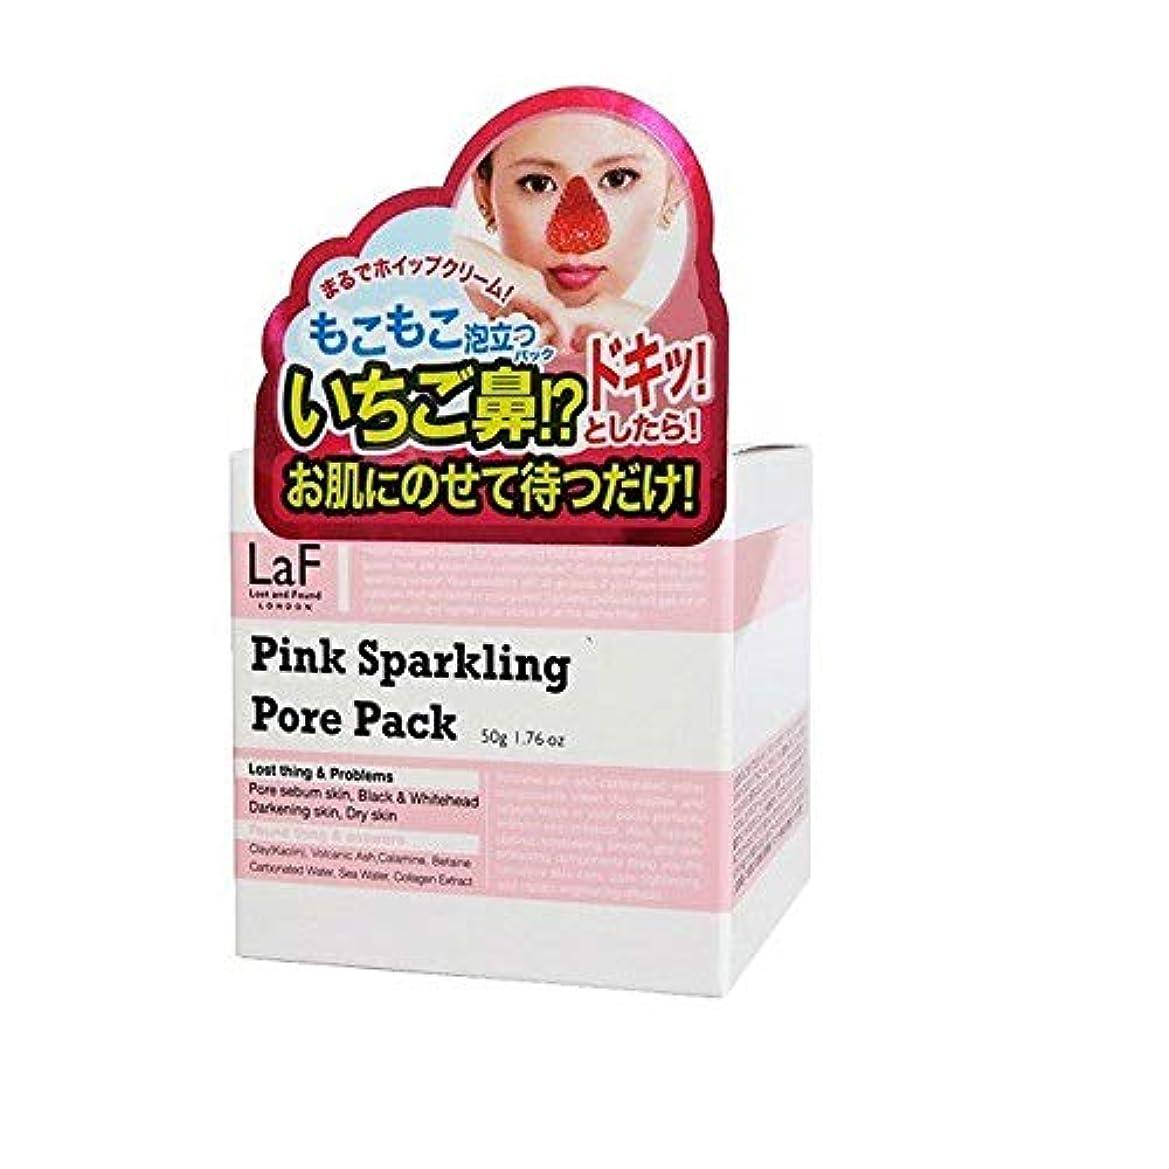 階層領収書礼儀三和通商 ピンクスパークリング ポアパック 洗顔 50g